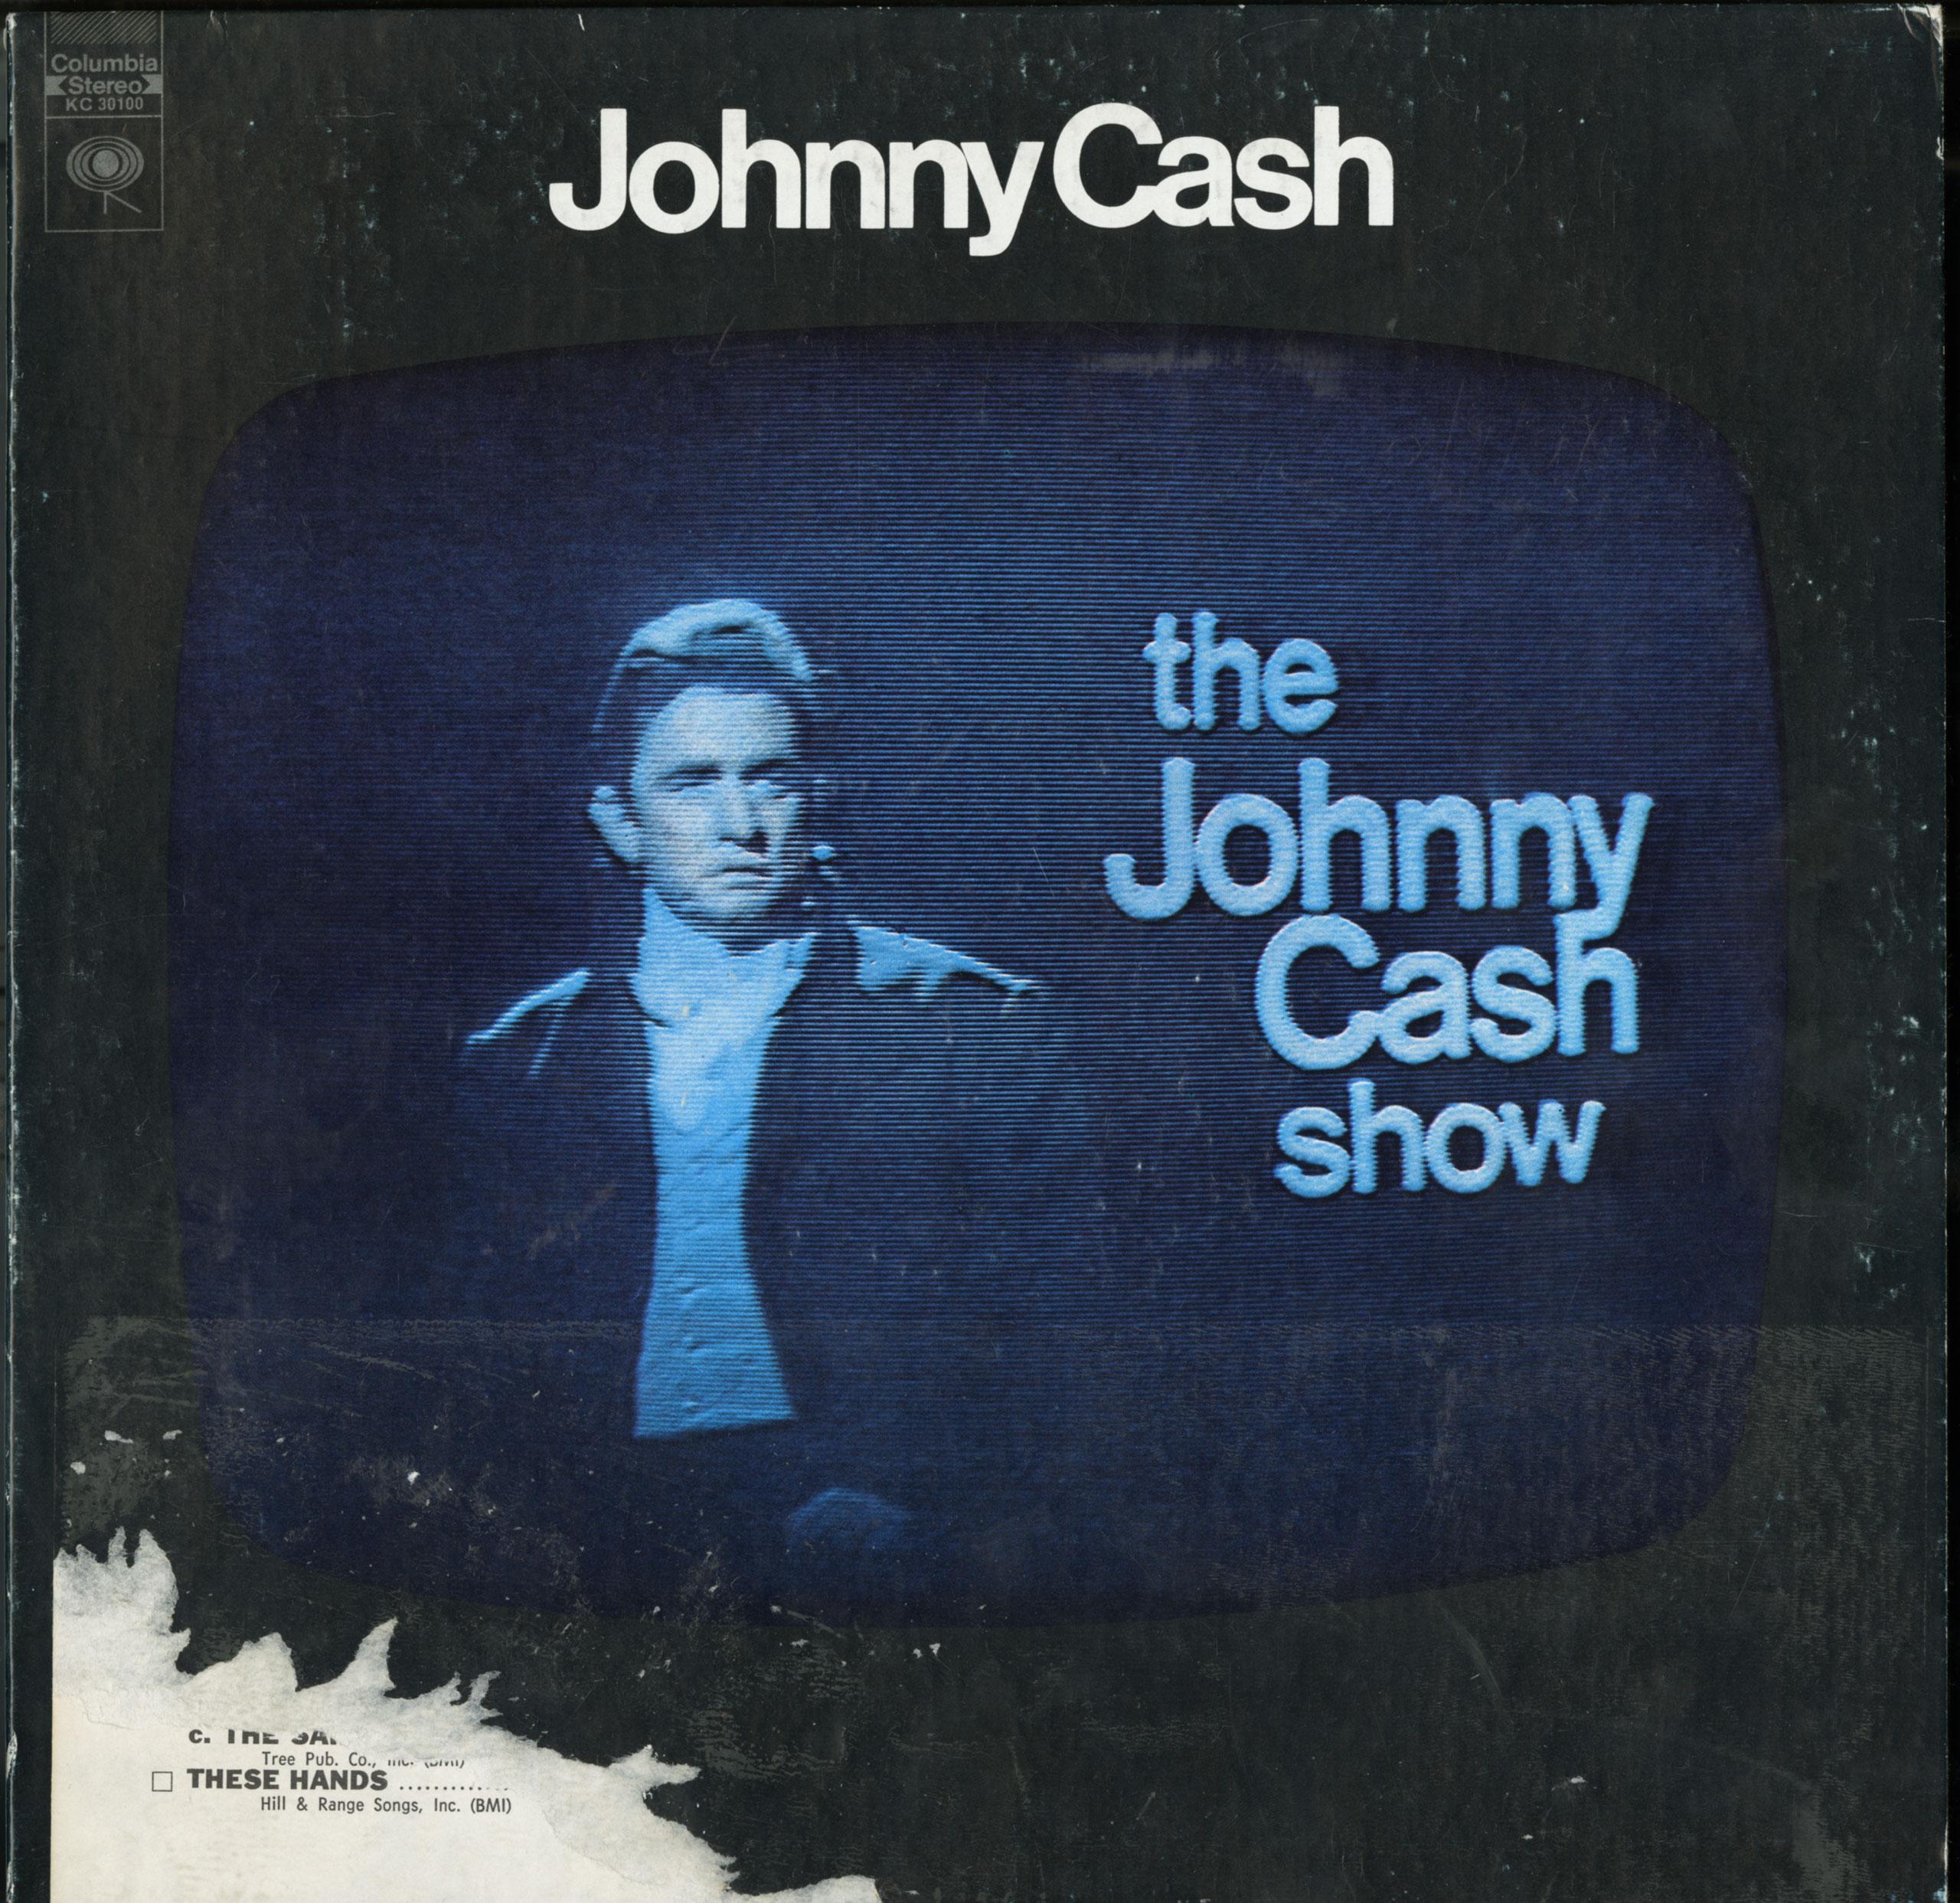 Johnny Cash: The Johnny Cash Show.